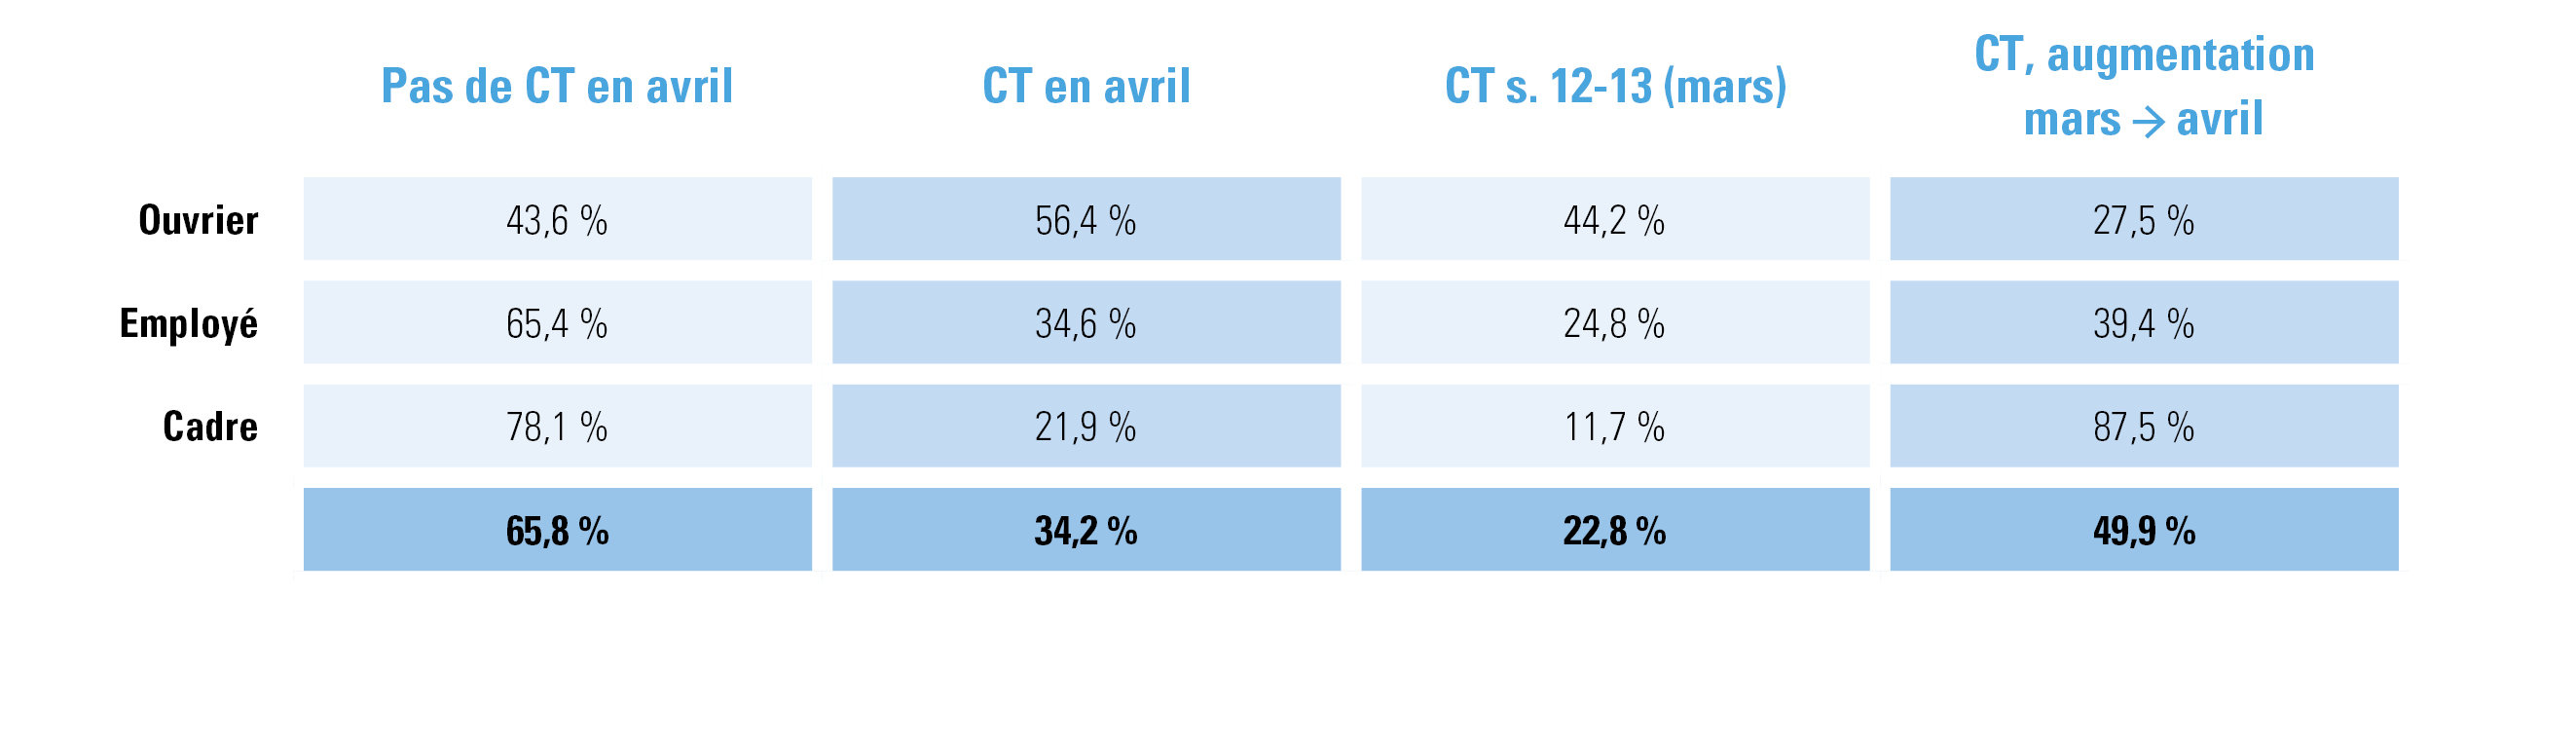 Figure 1 : % des travailleurs par statut ayant été au chômage temporaire au moins un jour durant la deuxième moitié de mars et la totalité du mois d'avril 2020